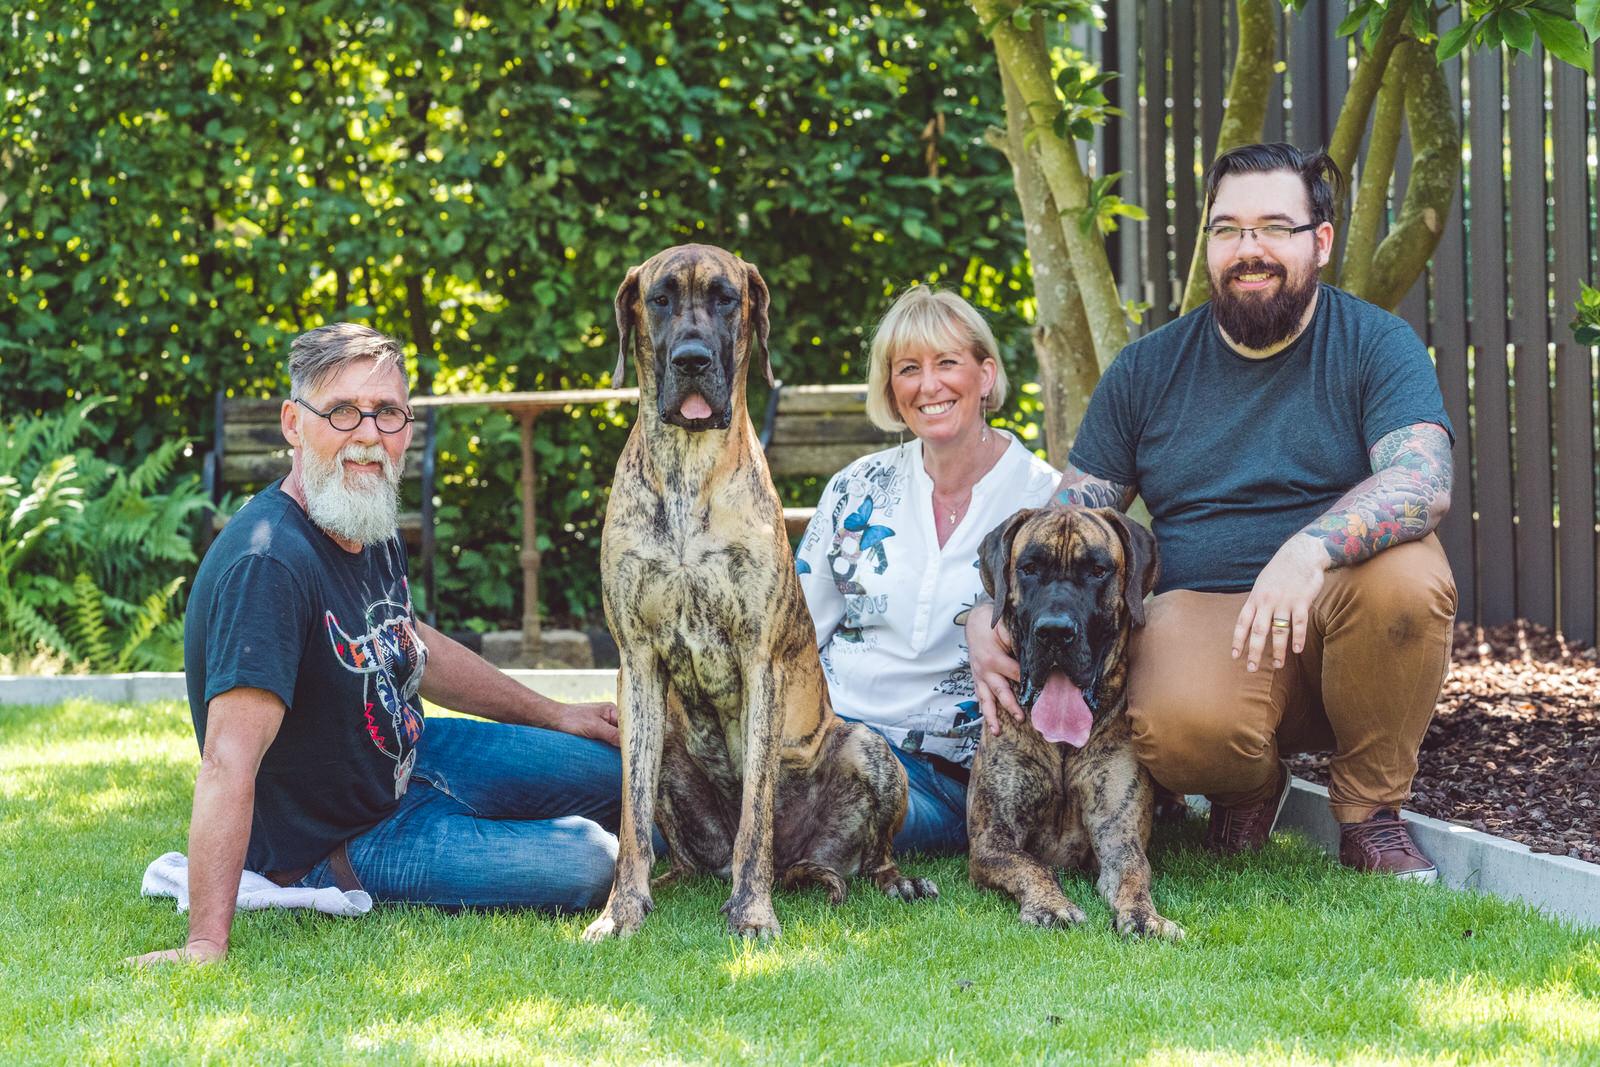 duitse dog familyportrait